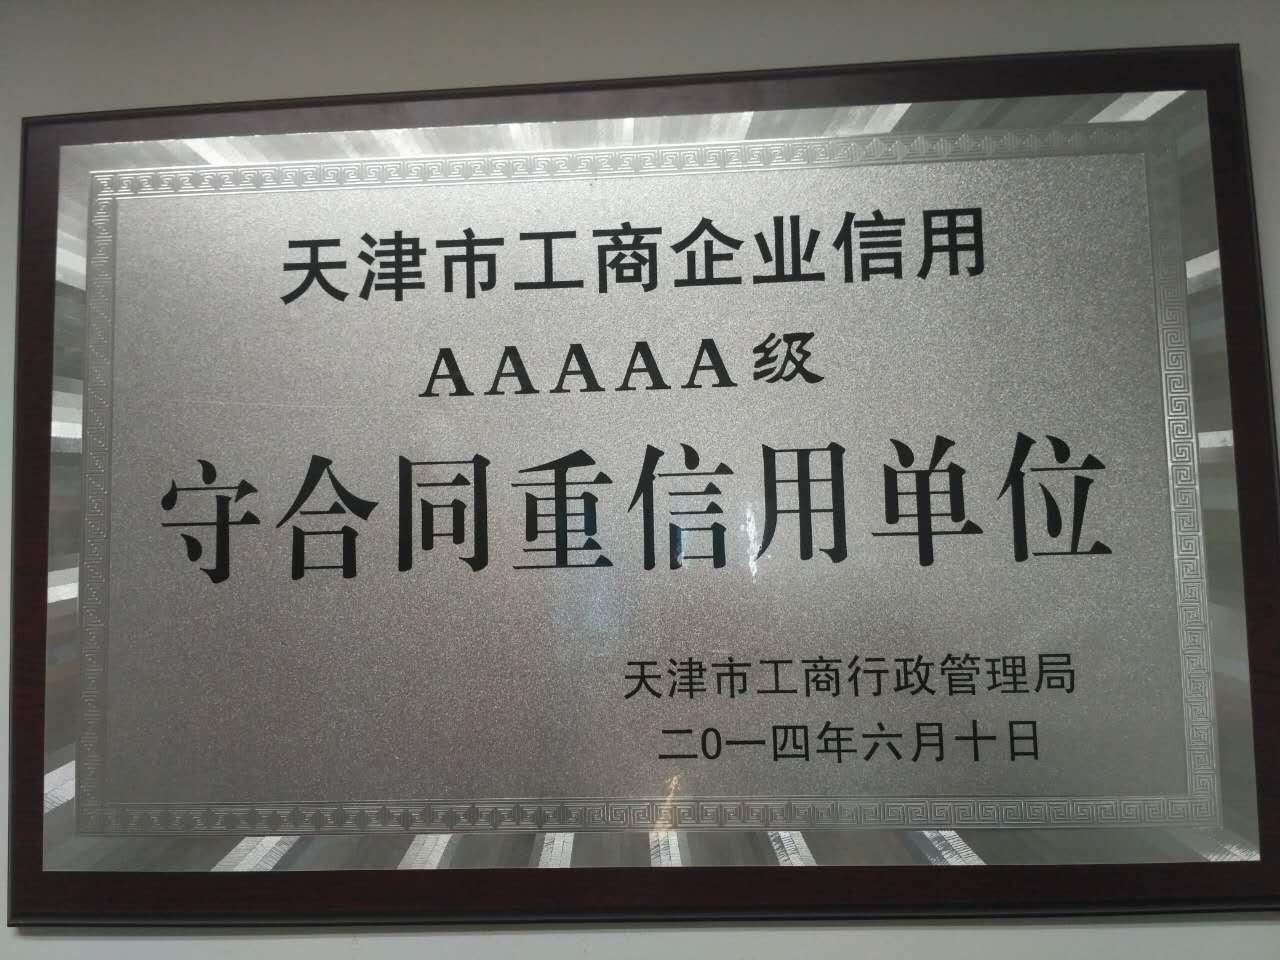 天津平行欧冠汽车销售有限公司